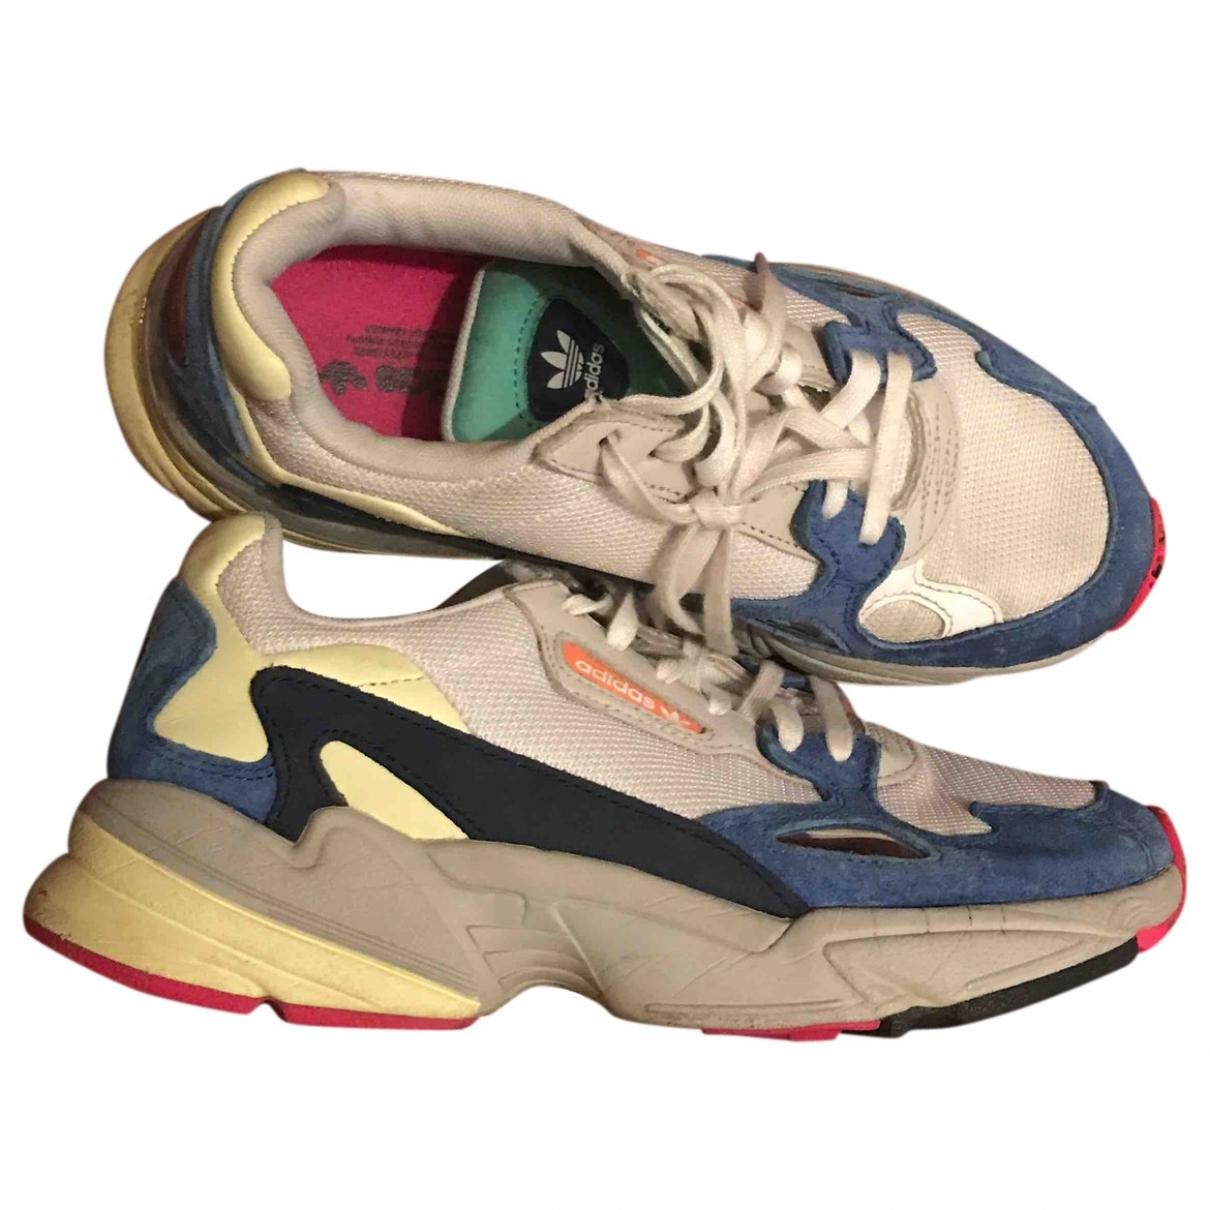 Adidas - Baskets Falcon pour femme - blanc